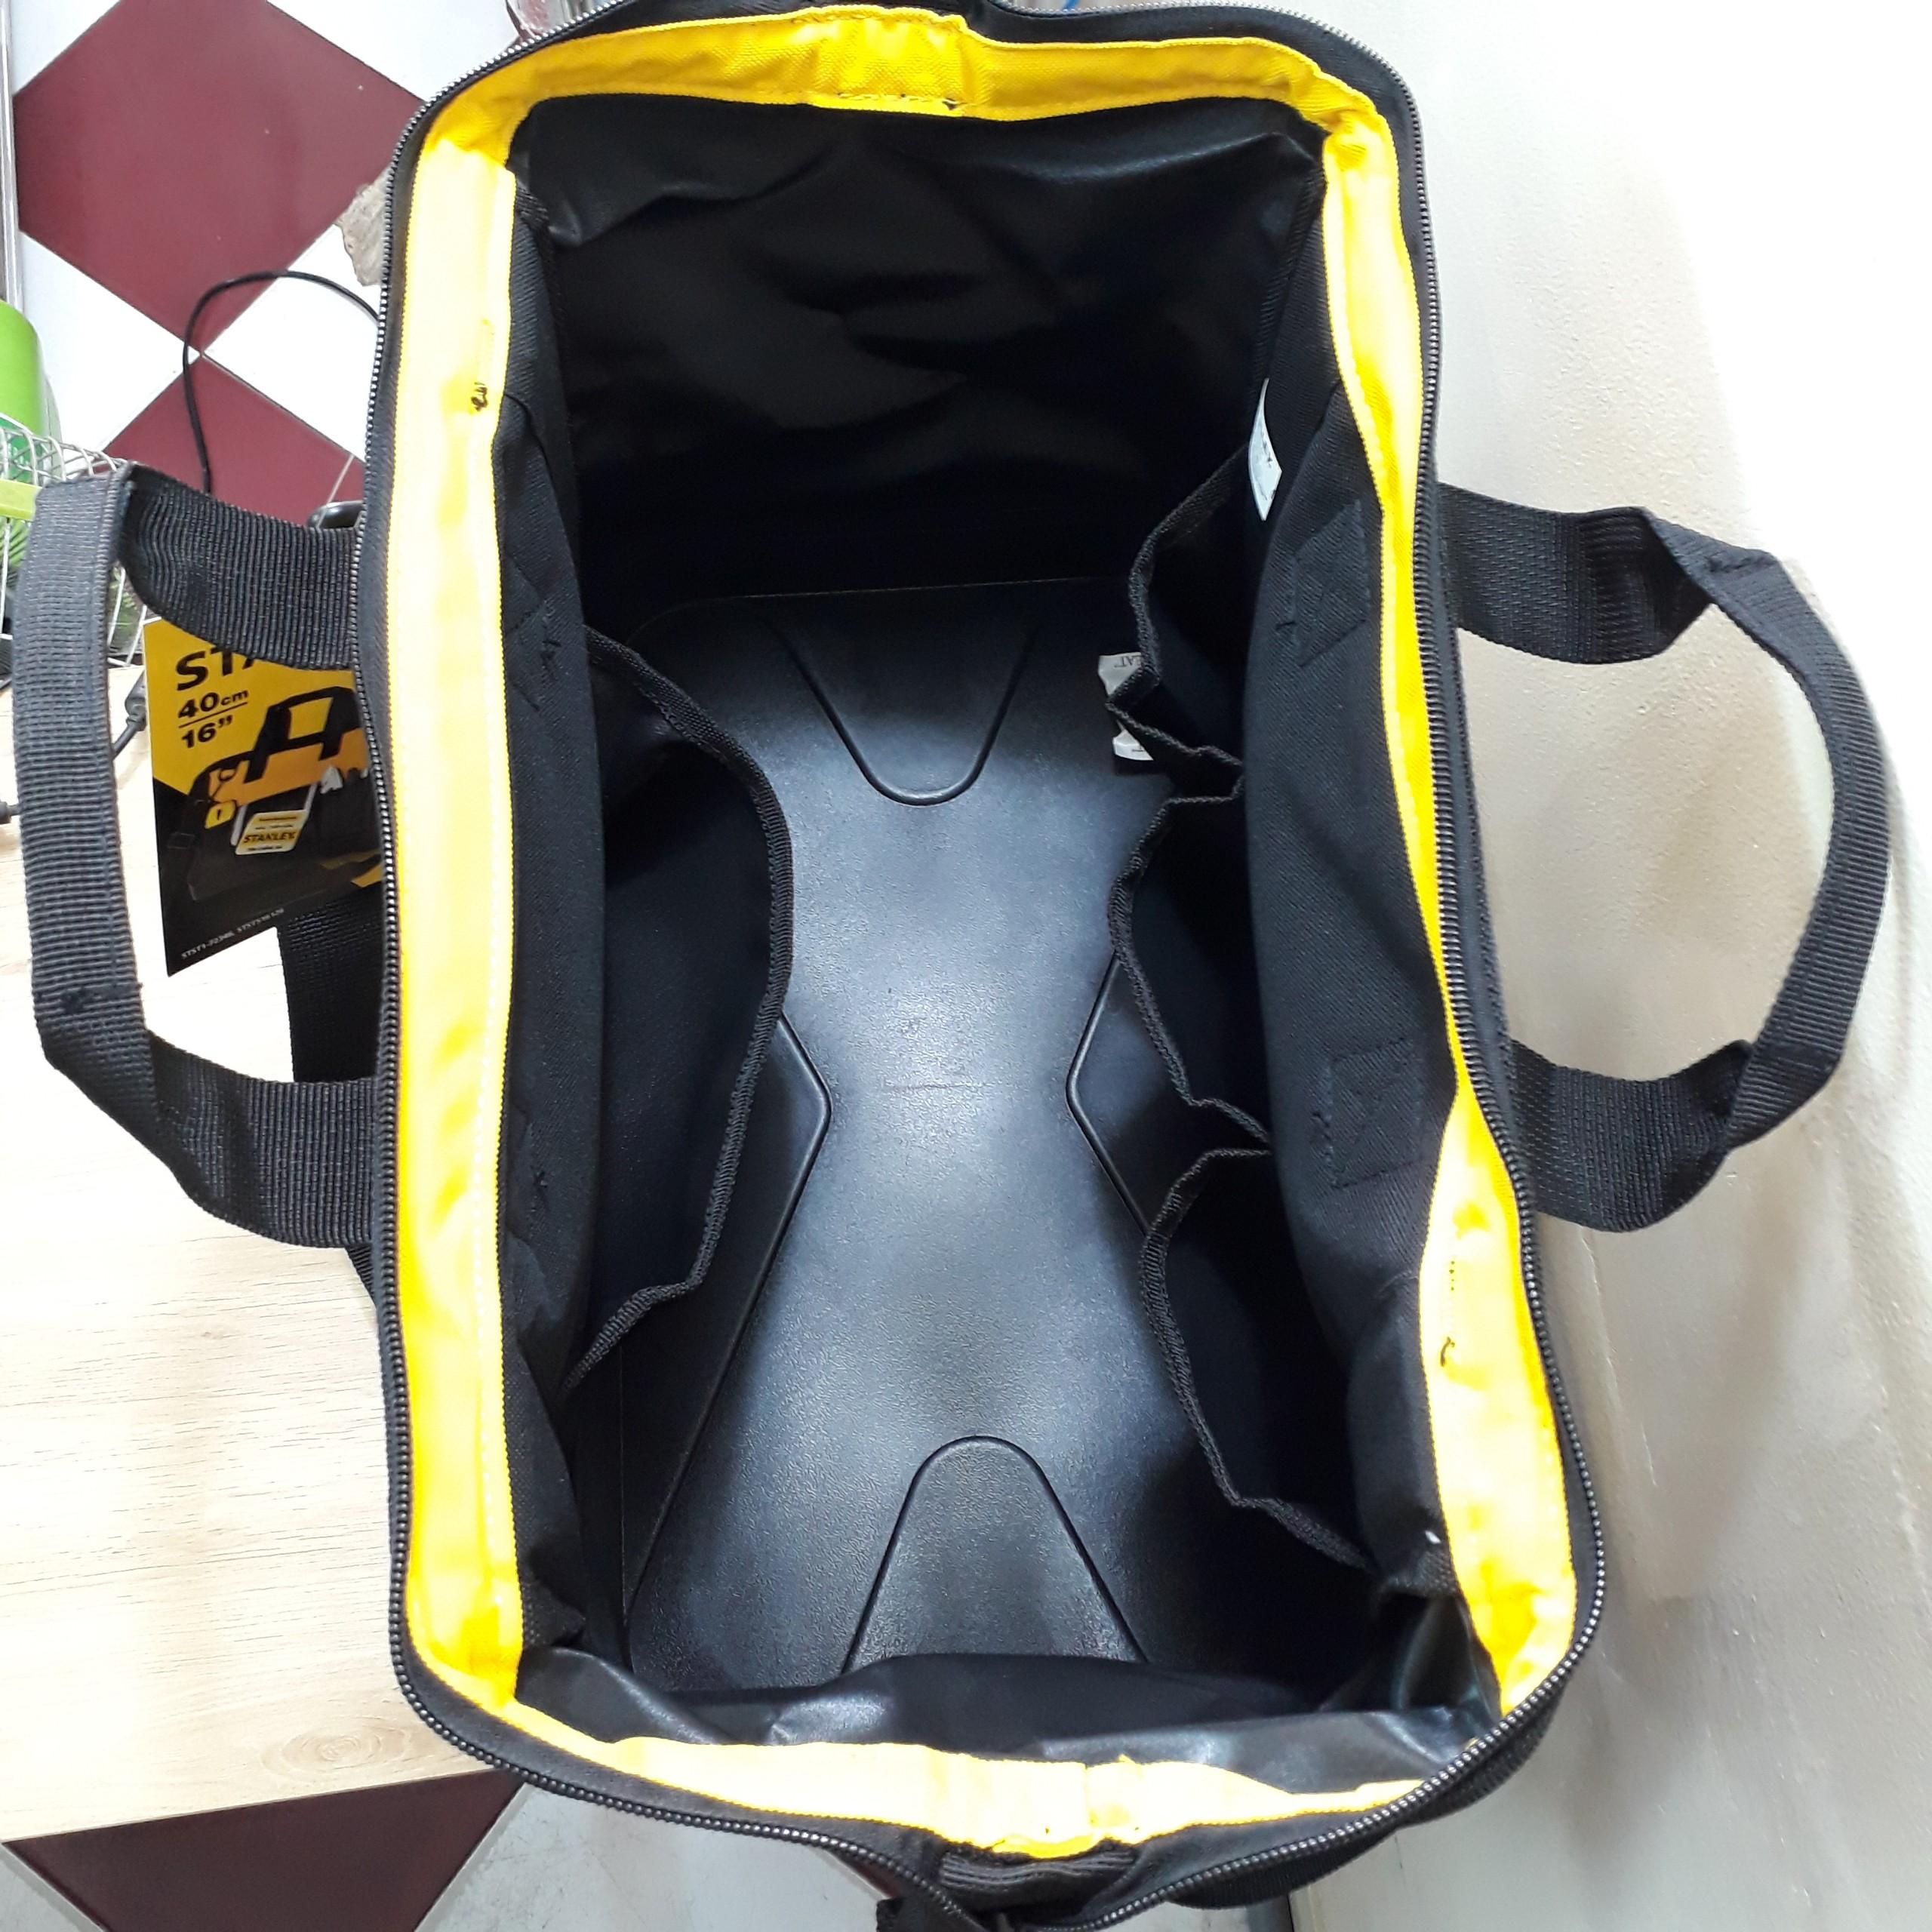 Túi đựng đồ nghề STST516126-16'' Stanley STST516126 Stanley   Giá rẻ nhất - Công Ty TNHH Thương Mại Dịch Vụ Đạt Tâm